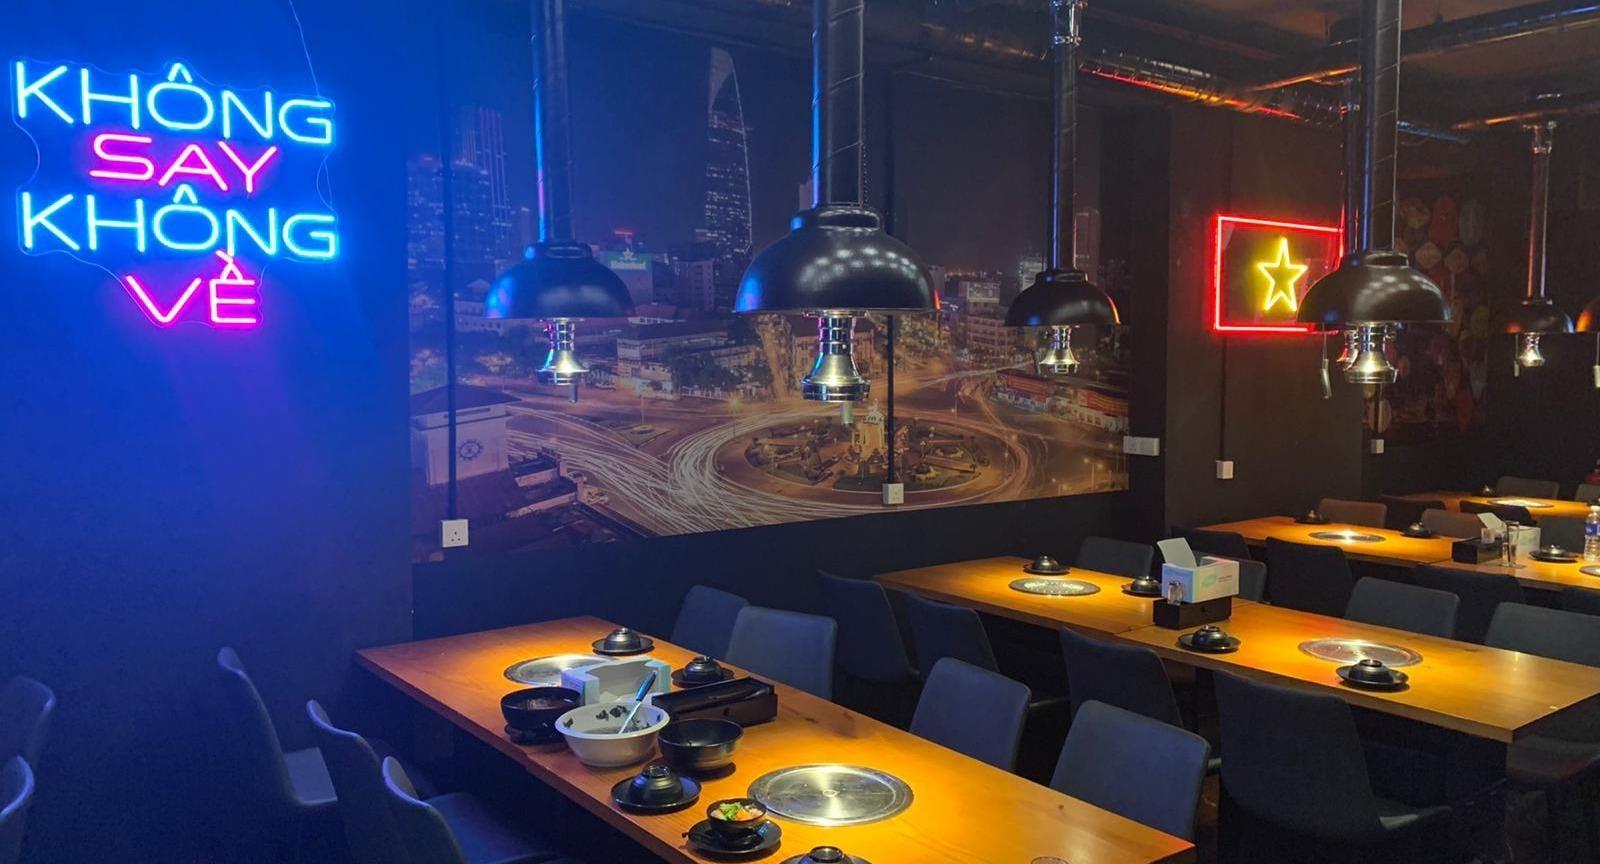 Photo of restaurant Khoi Grill & Hotpot in Farrer Park, Singapore